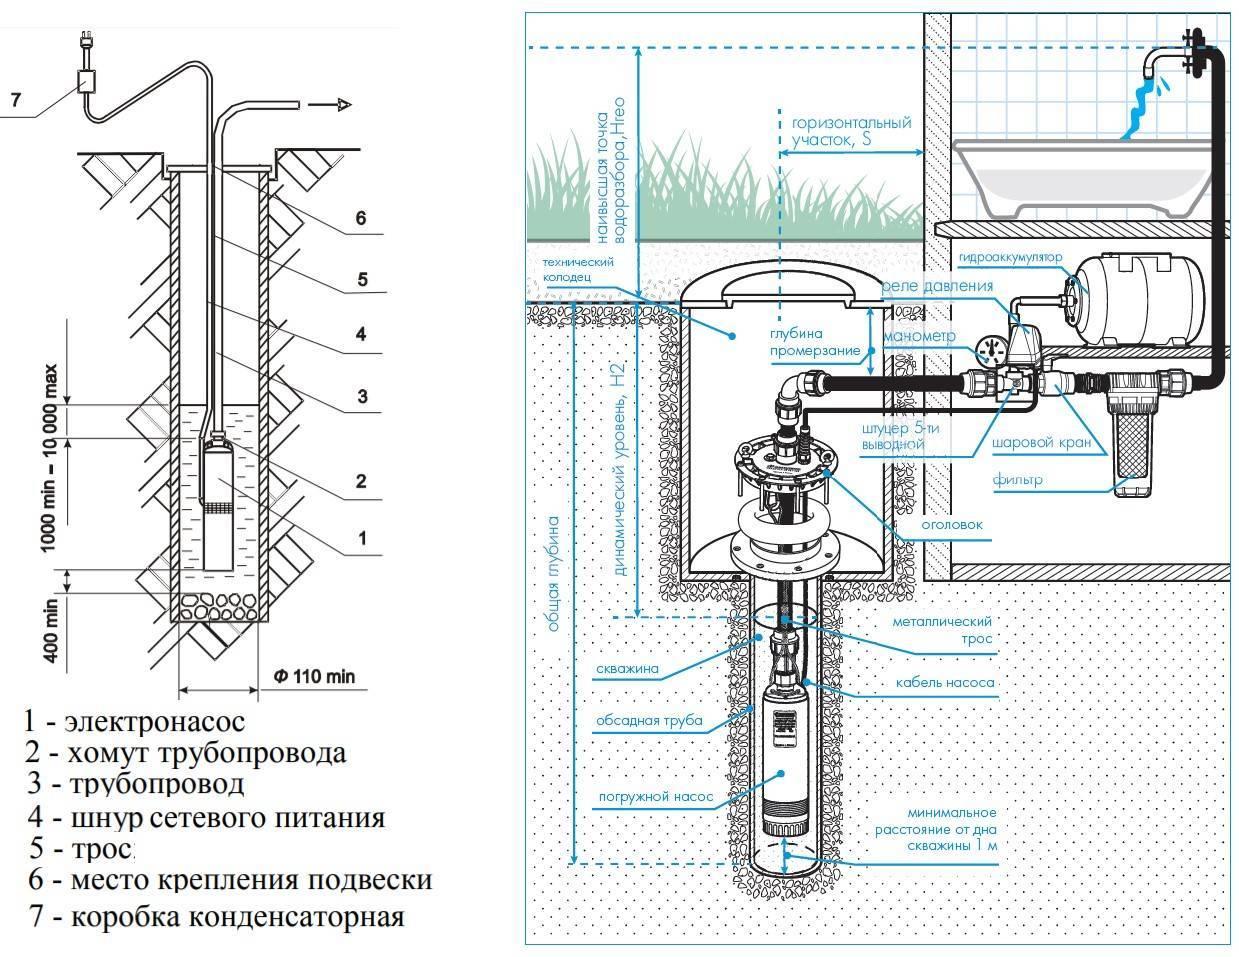 Насос агидель: описание и технические характеристики